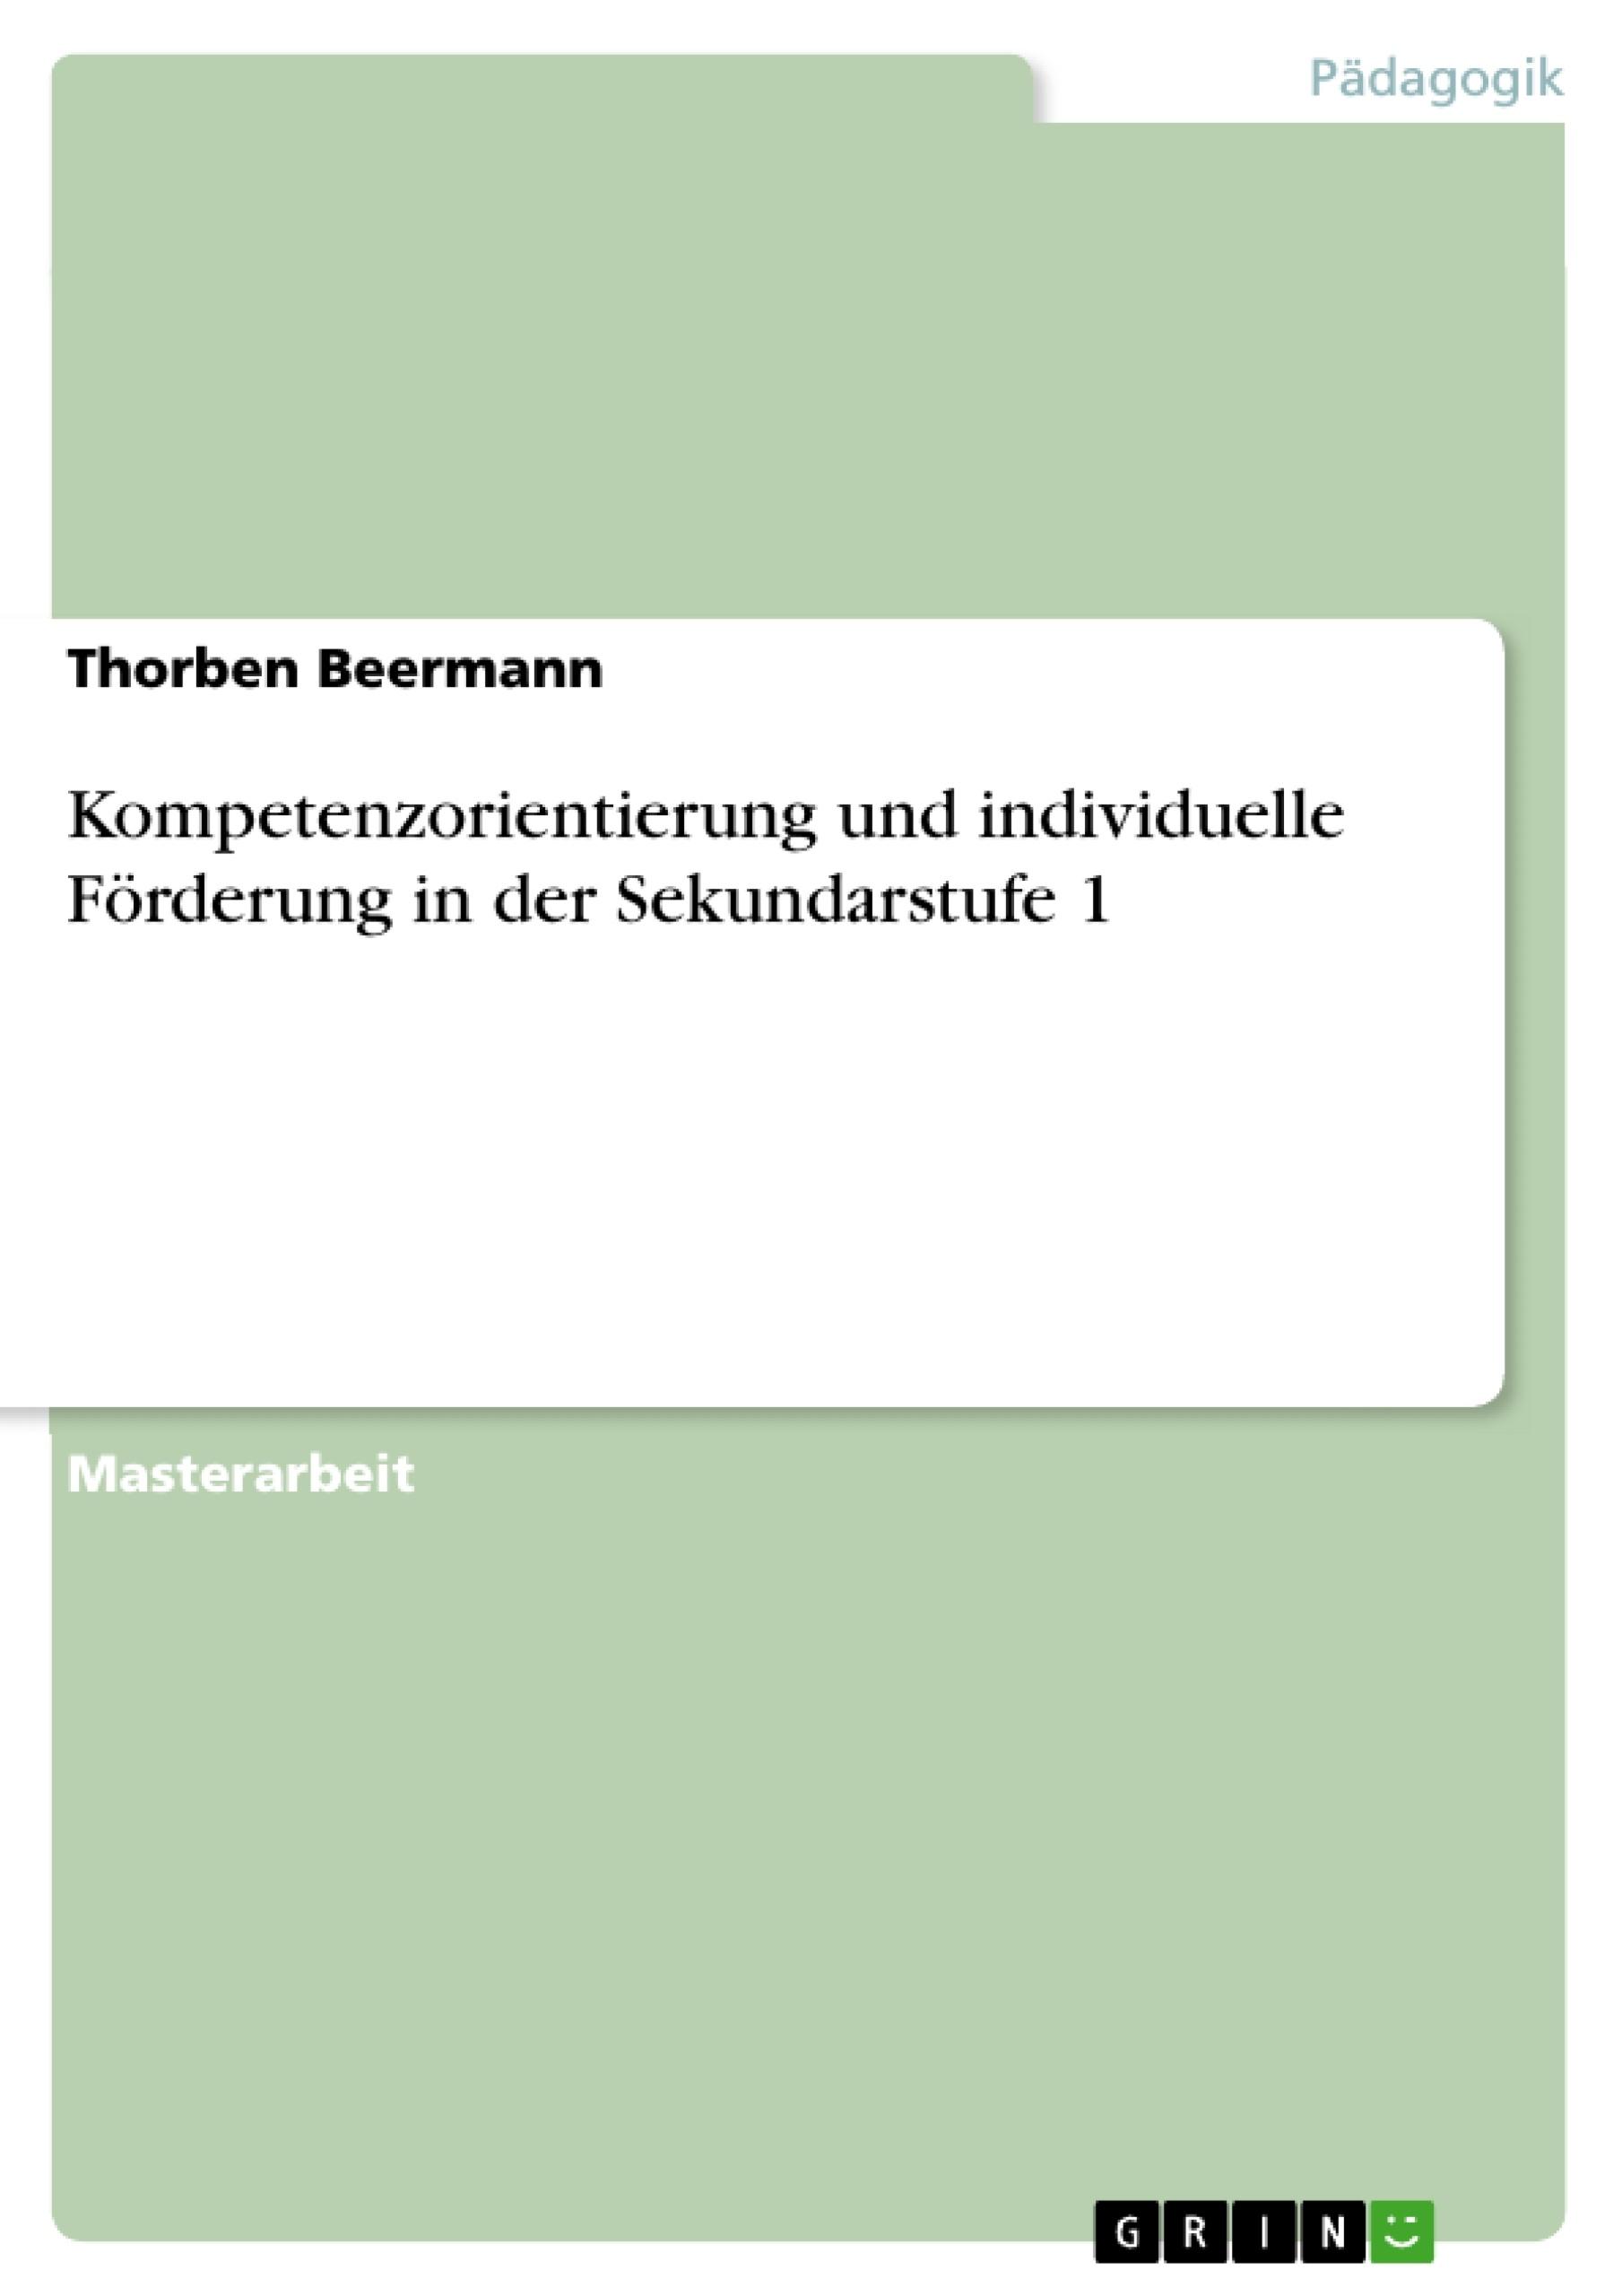 Titel: Kompetenzorientierung und individuelle Förderung in der Sekundarstufe 1